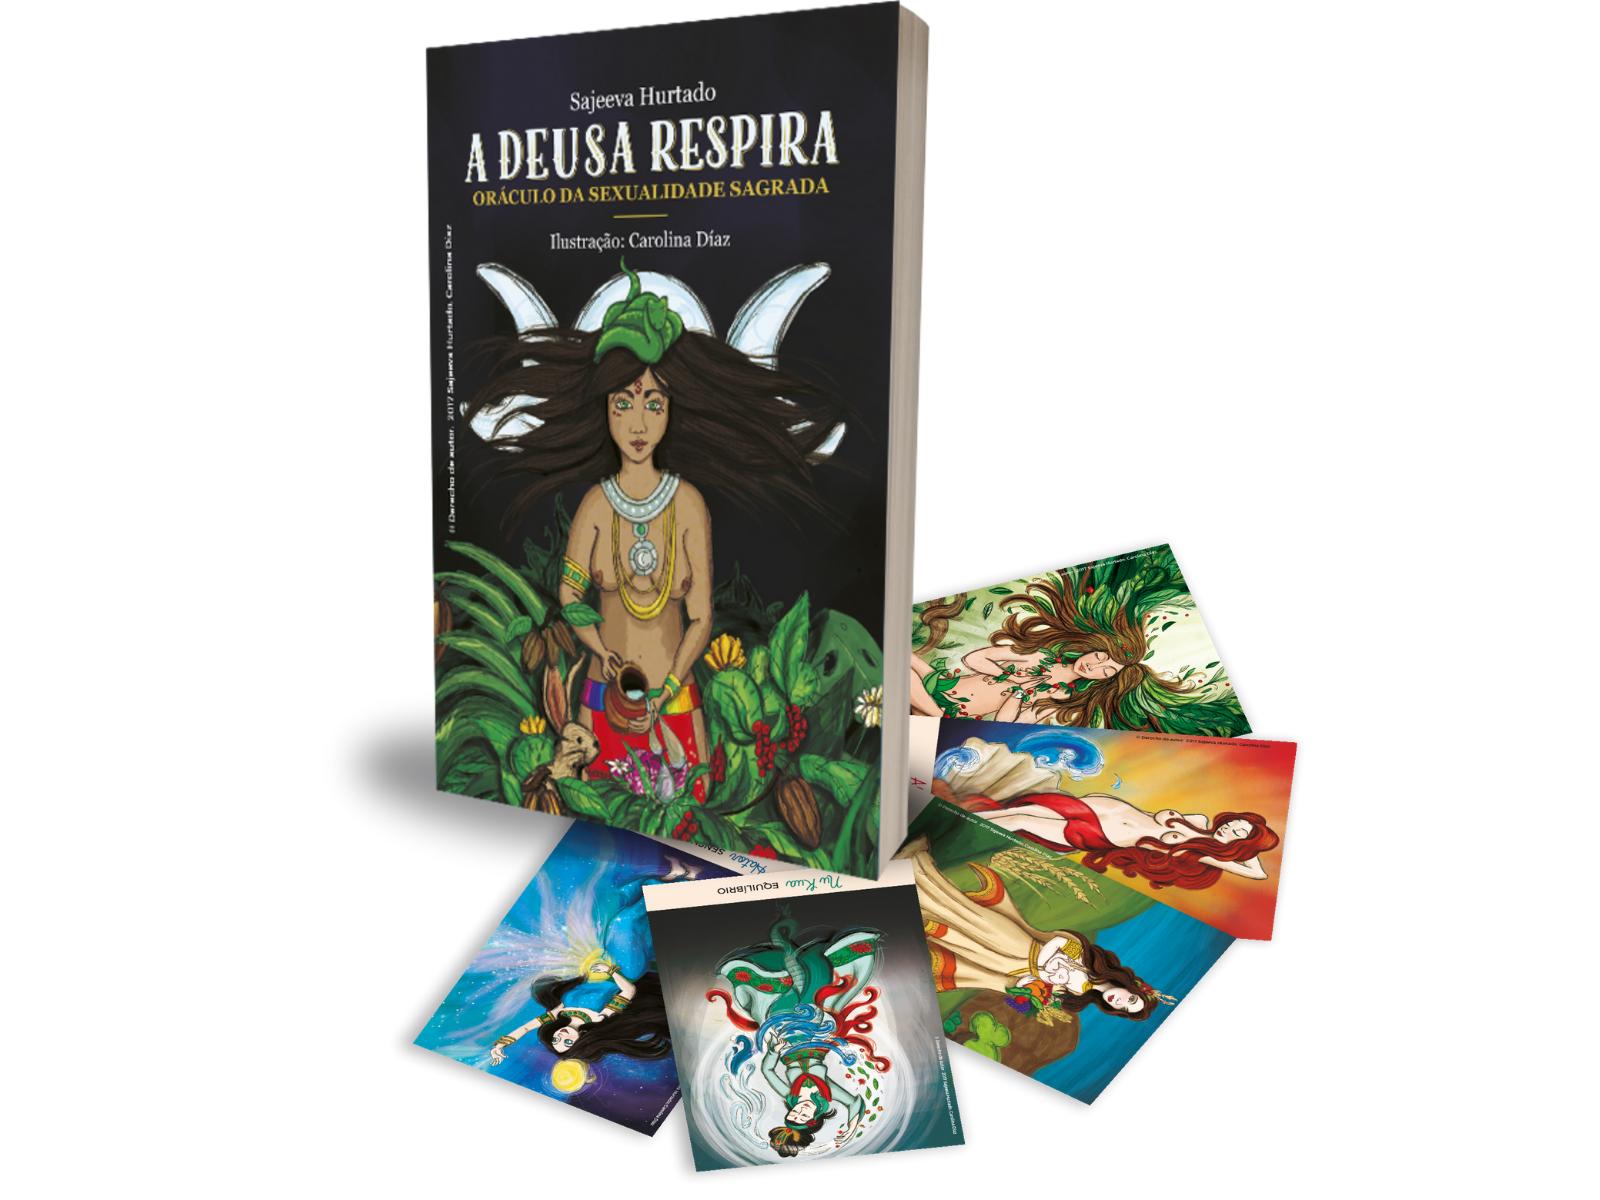 A Deusa Respira - Oráculo da Sexualidade Sagrada | Sajeeva Hurtado